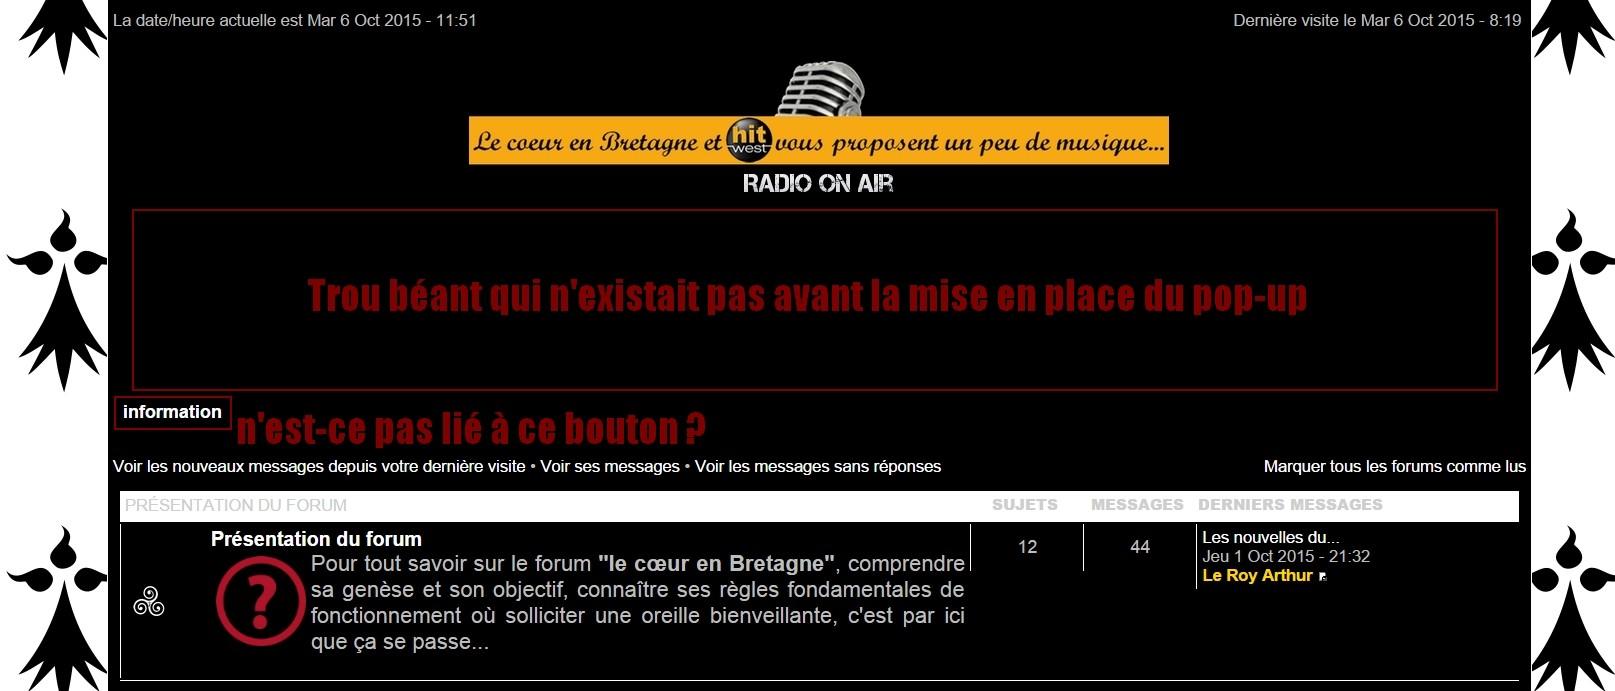 333 - Création d'un pop-up de menu sur la page d'accueil du forum ? - Page 3 Sans_t11